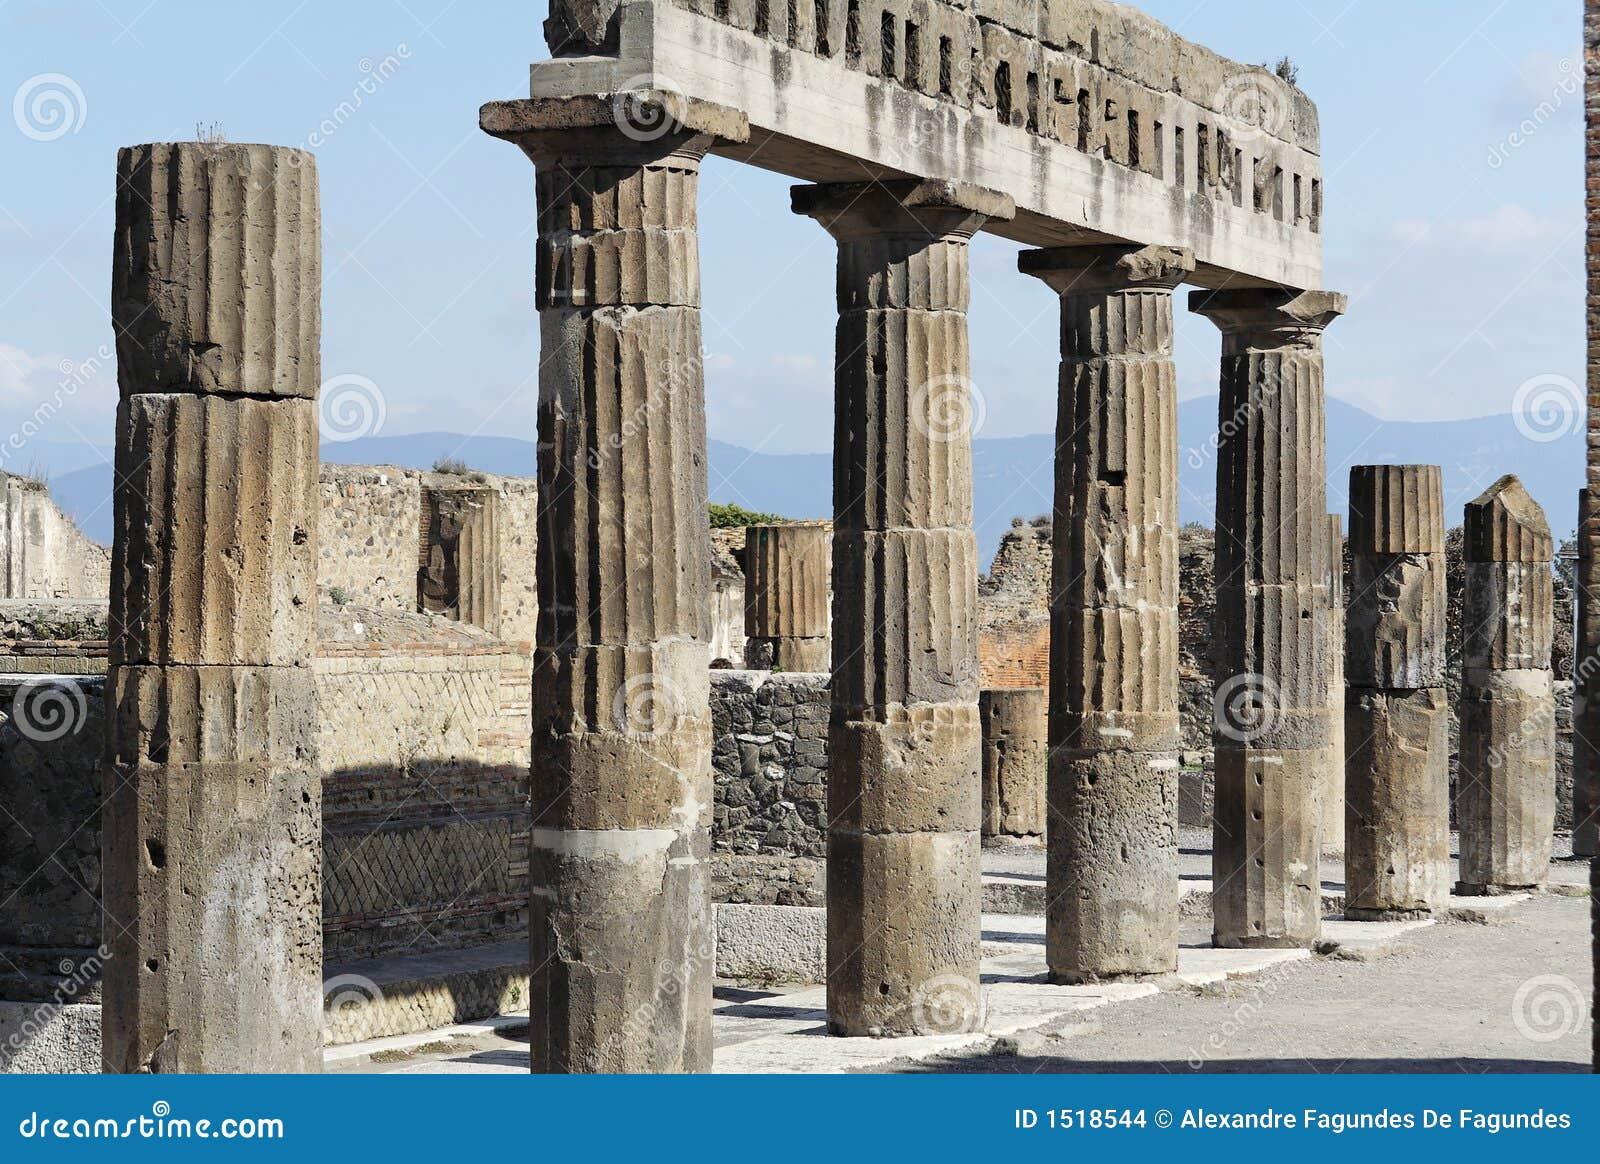 Roman Forum at Pompeii